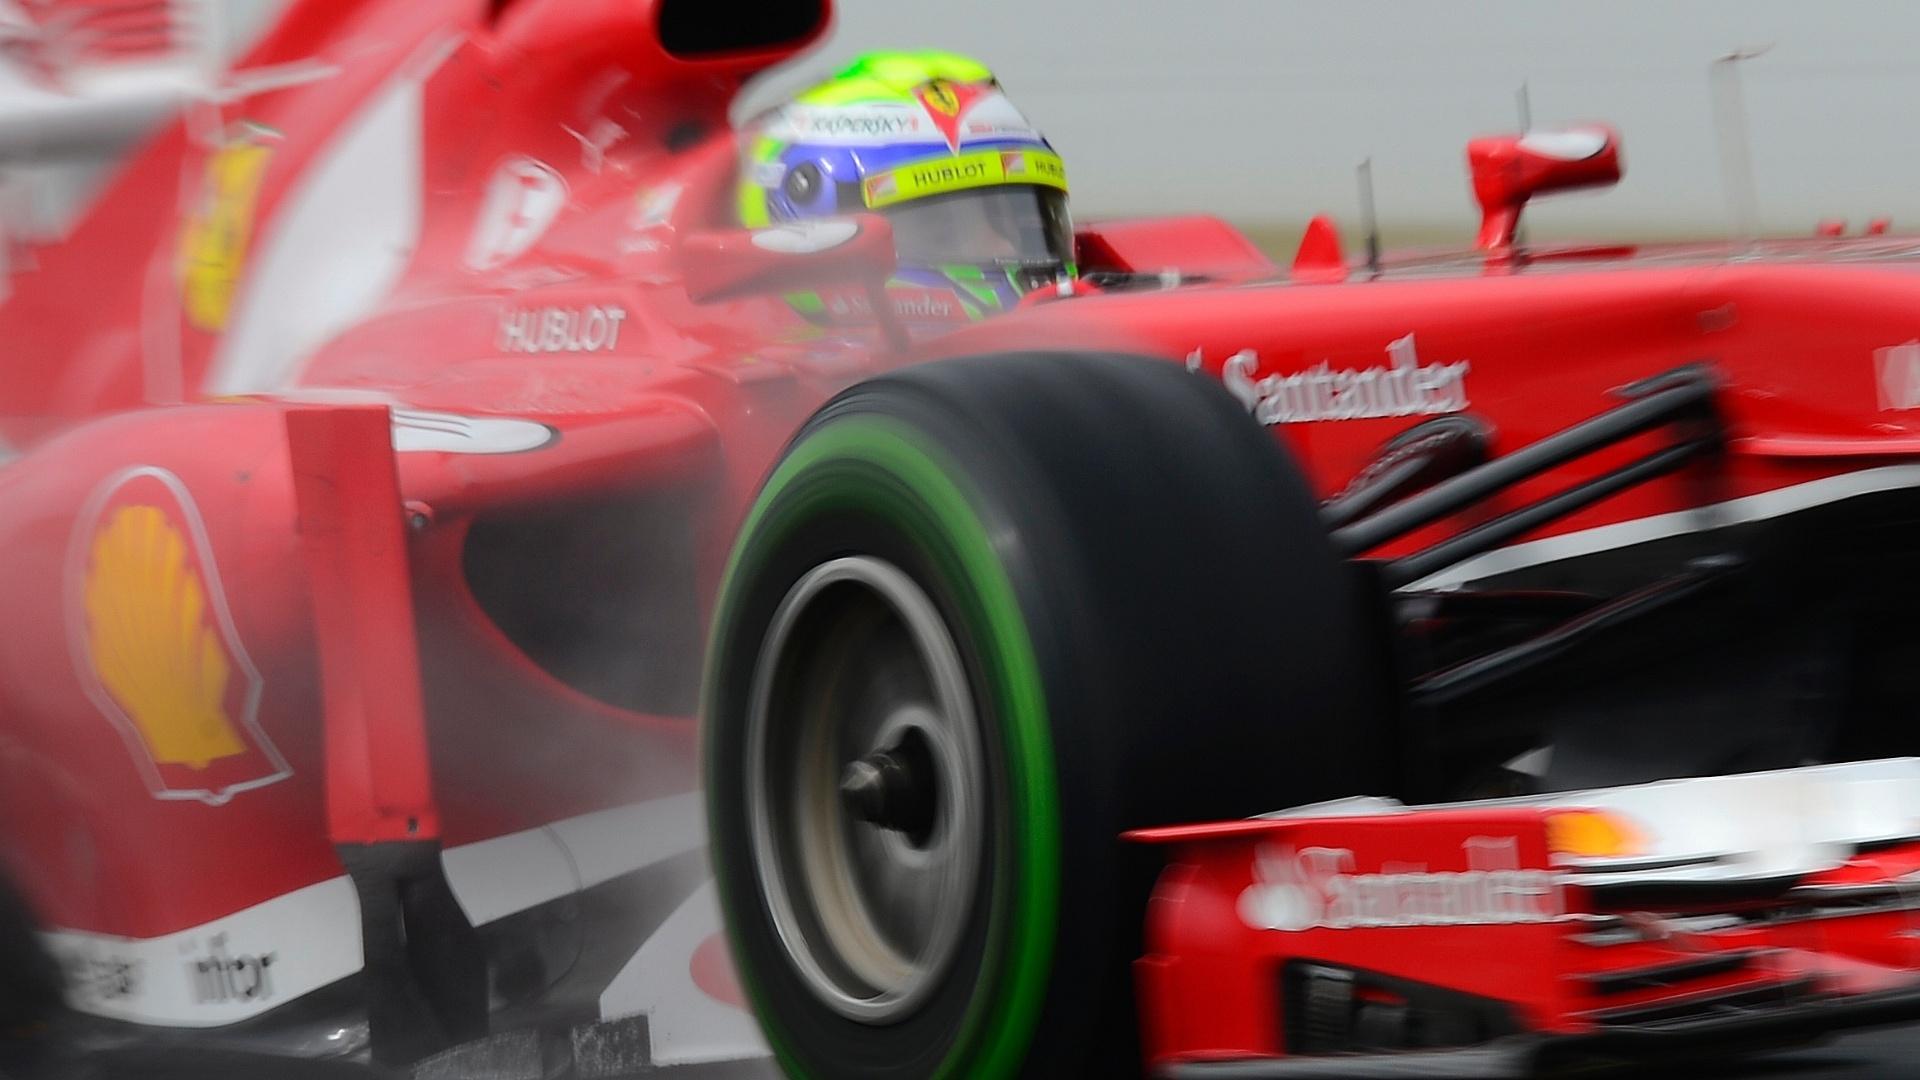 28.fev.2013 - Felipe Massa teve bom desempenho na pista molhada de Barcelona e foi o segundo mais rápido pela manhã nos testes coletivos em Barcelona